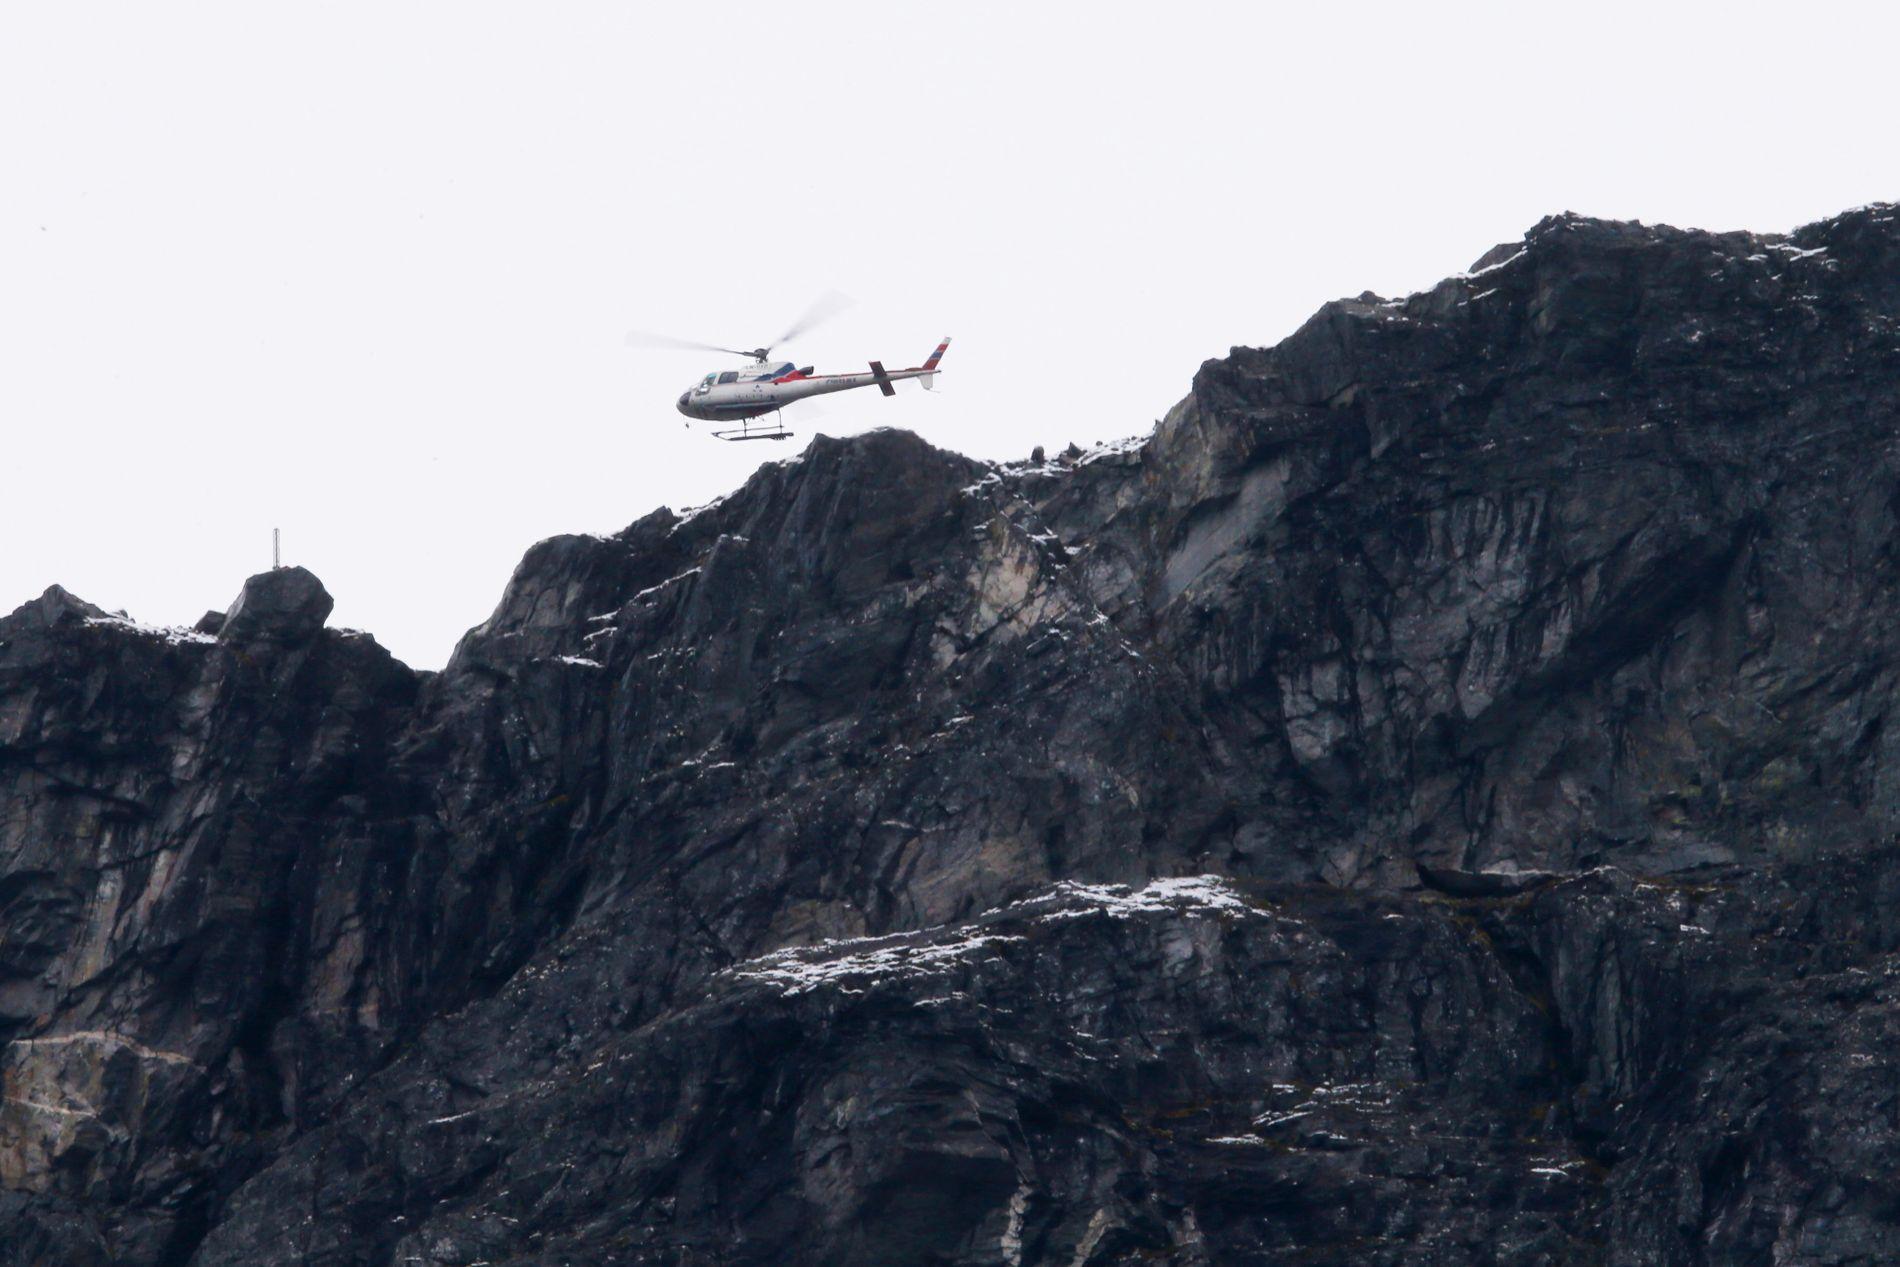 Et helikopter med geologer fra NVE over området ved Veslemannen fredag formiddag. Har gått flere steinsprang i løpet av natten. Det var i går kveld de første store rasene gikk. Foto: Ørn E. Borgen / NTB scanpix